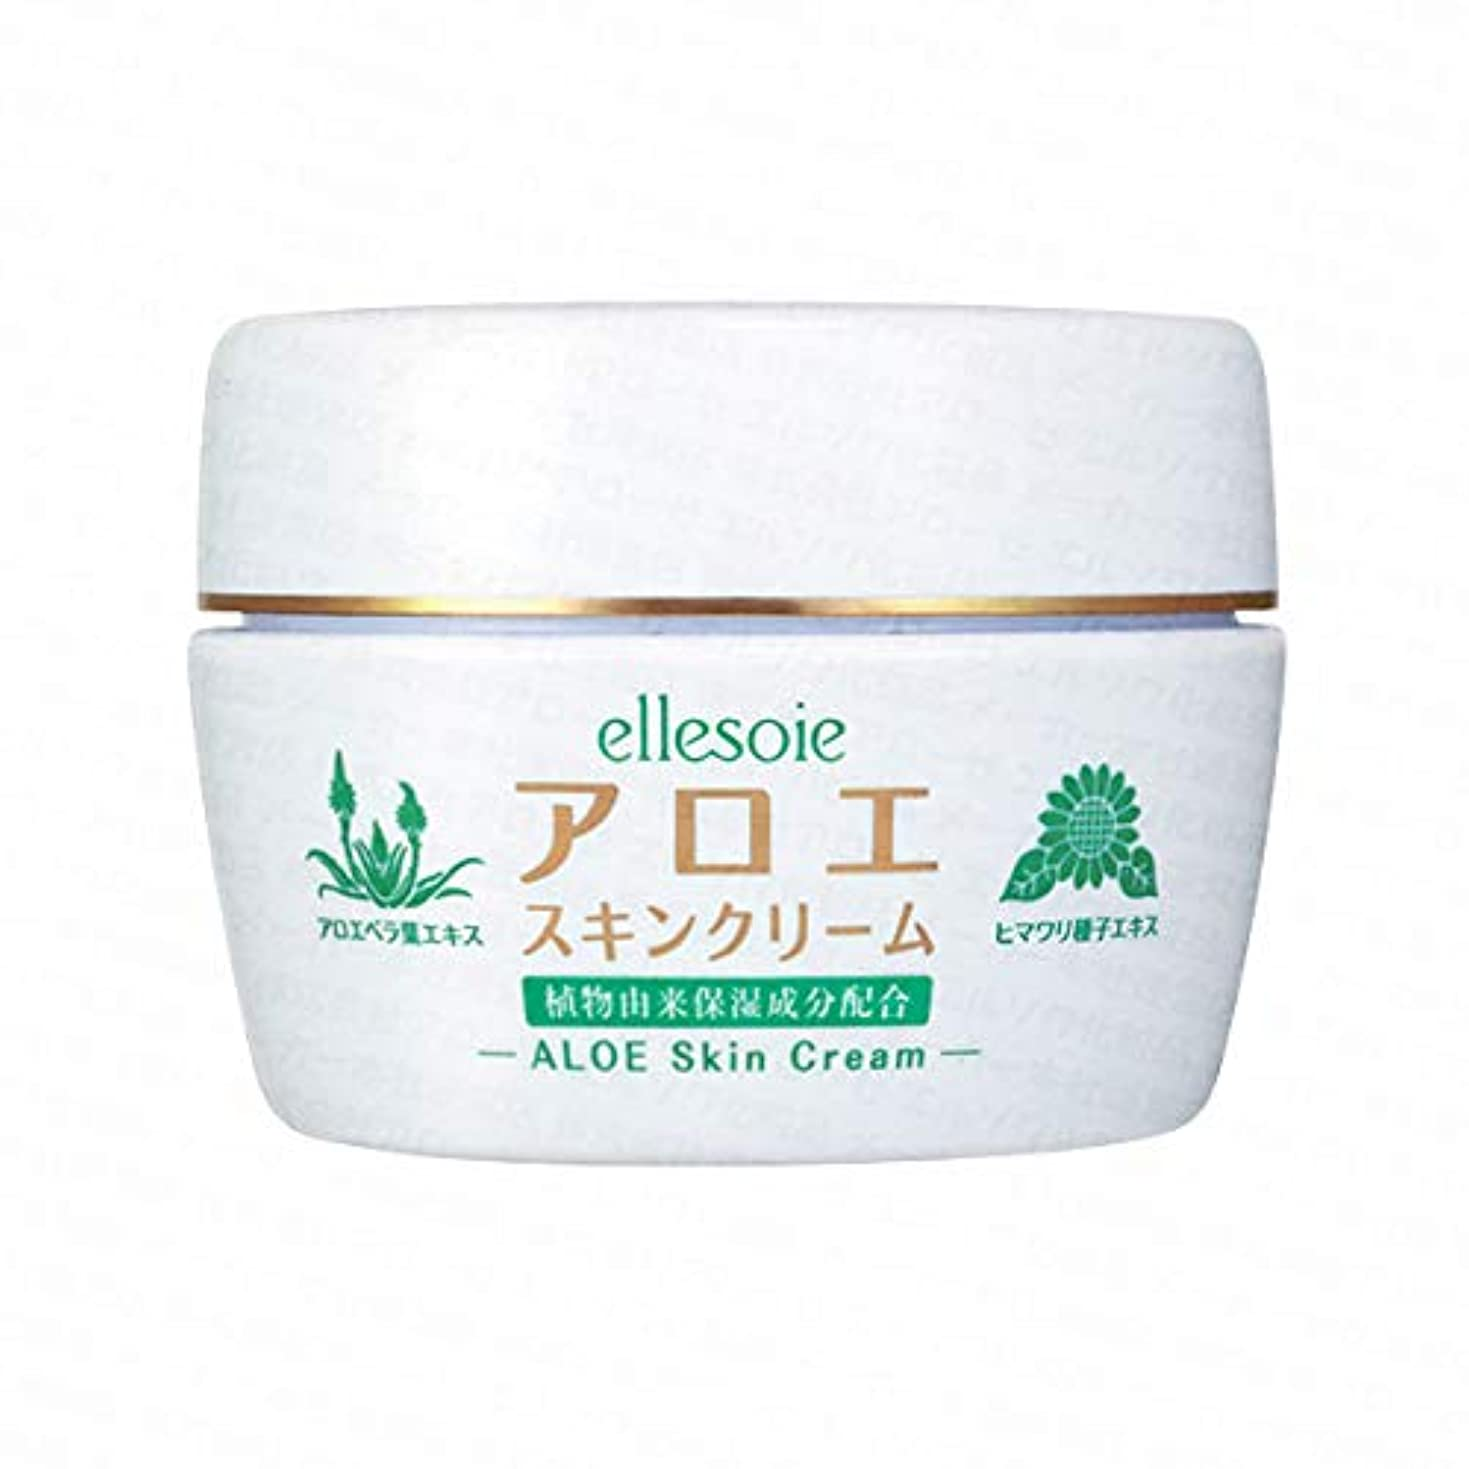 講義省略肩をすくめるエルソワ化粧品(ellesoie) アロエスキンクリーム 本体210g ボディ用保湿クリーム